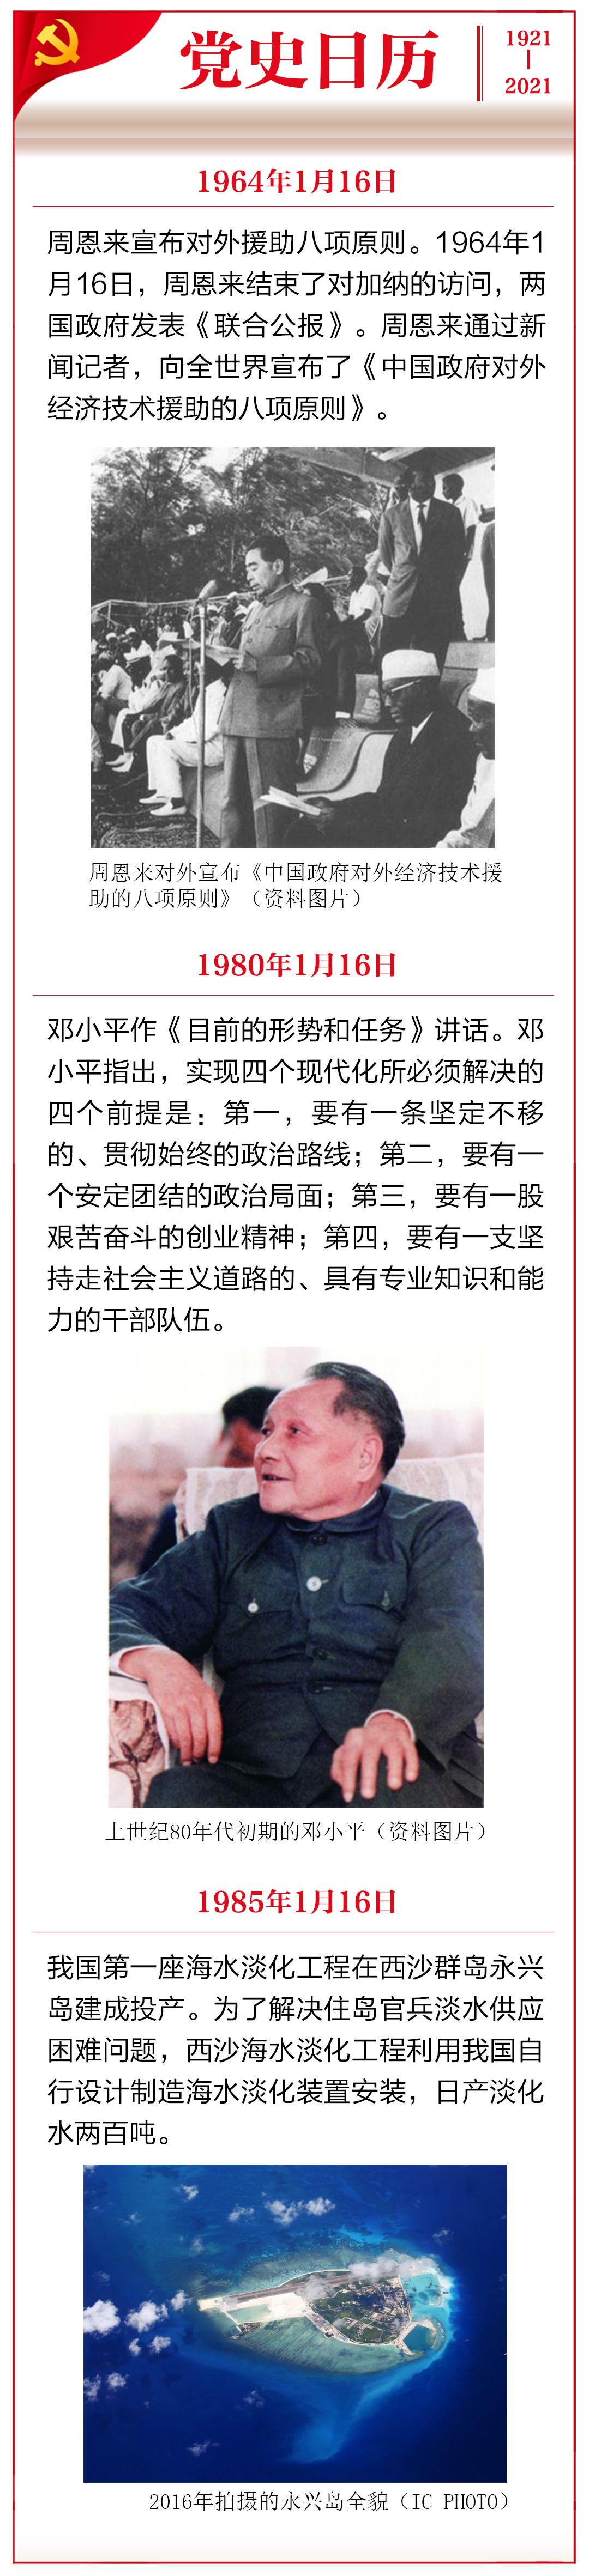 百年荣光丨党史上的今天(1月16日)图片